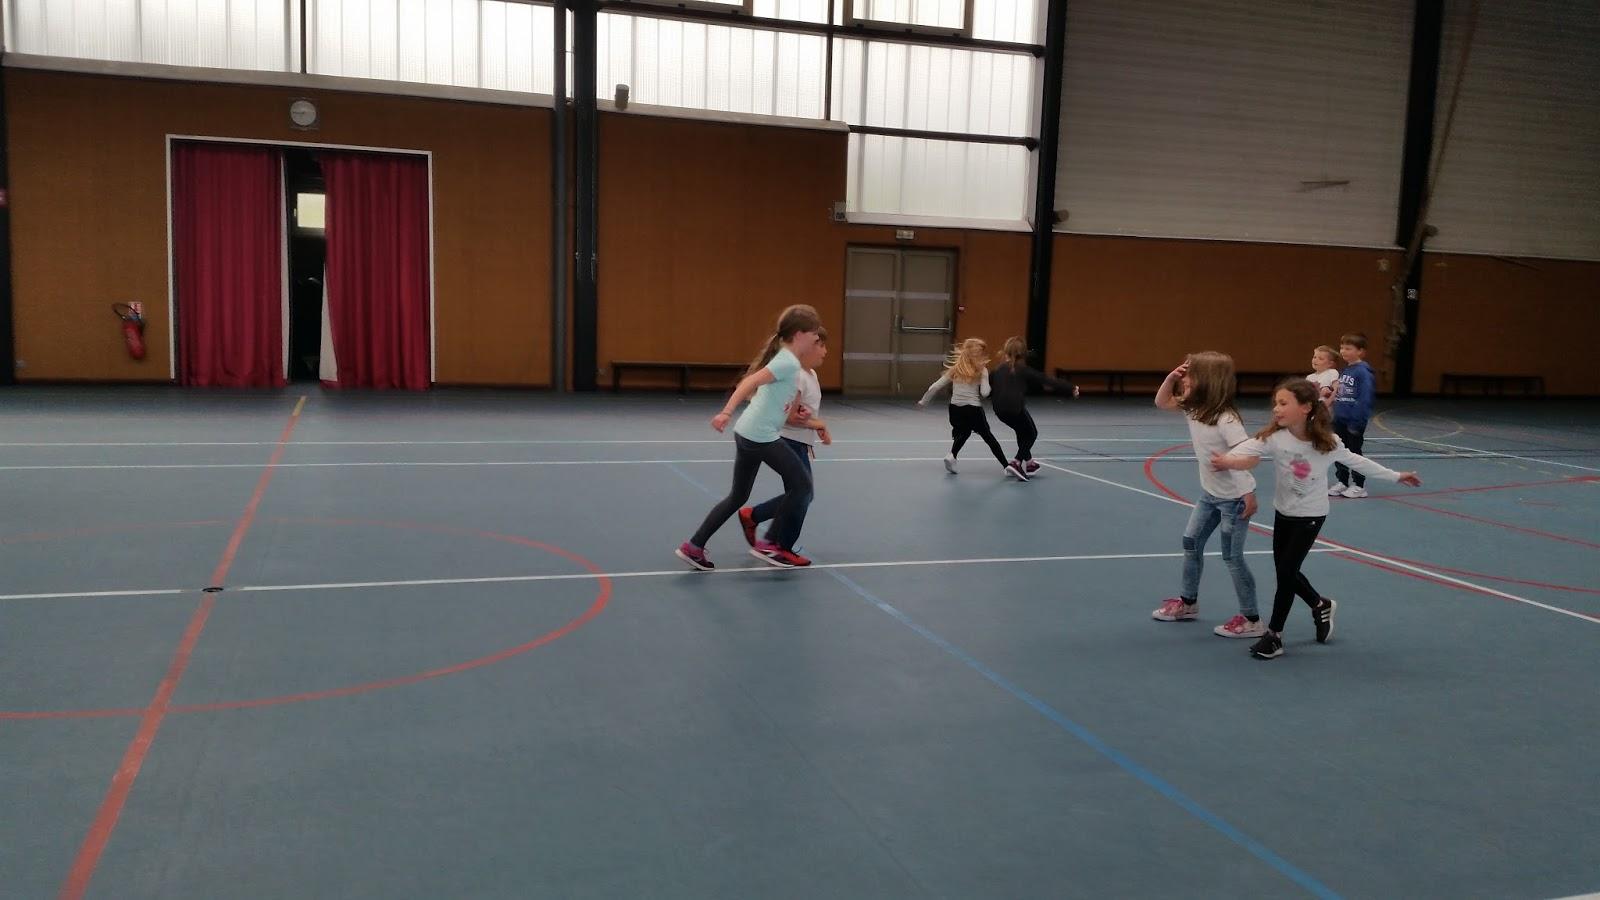 Association eclos entrange les jeux collectifs revisit s for Jeu sportif exterieur